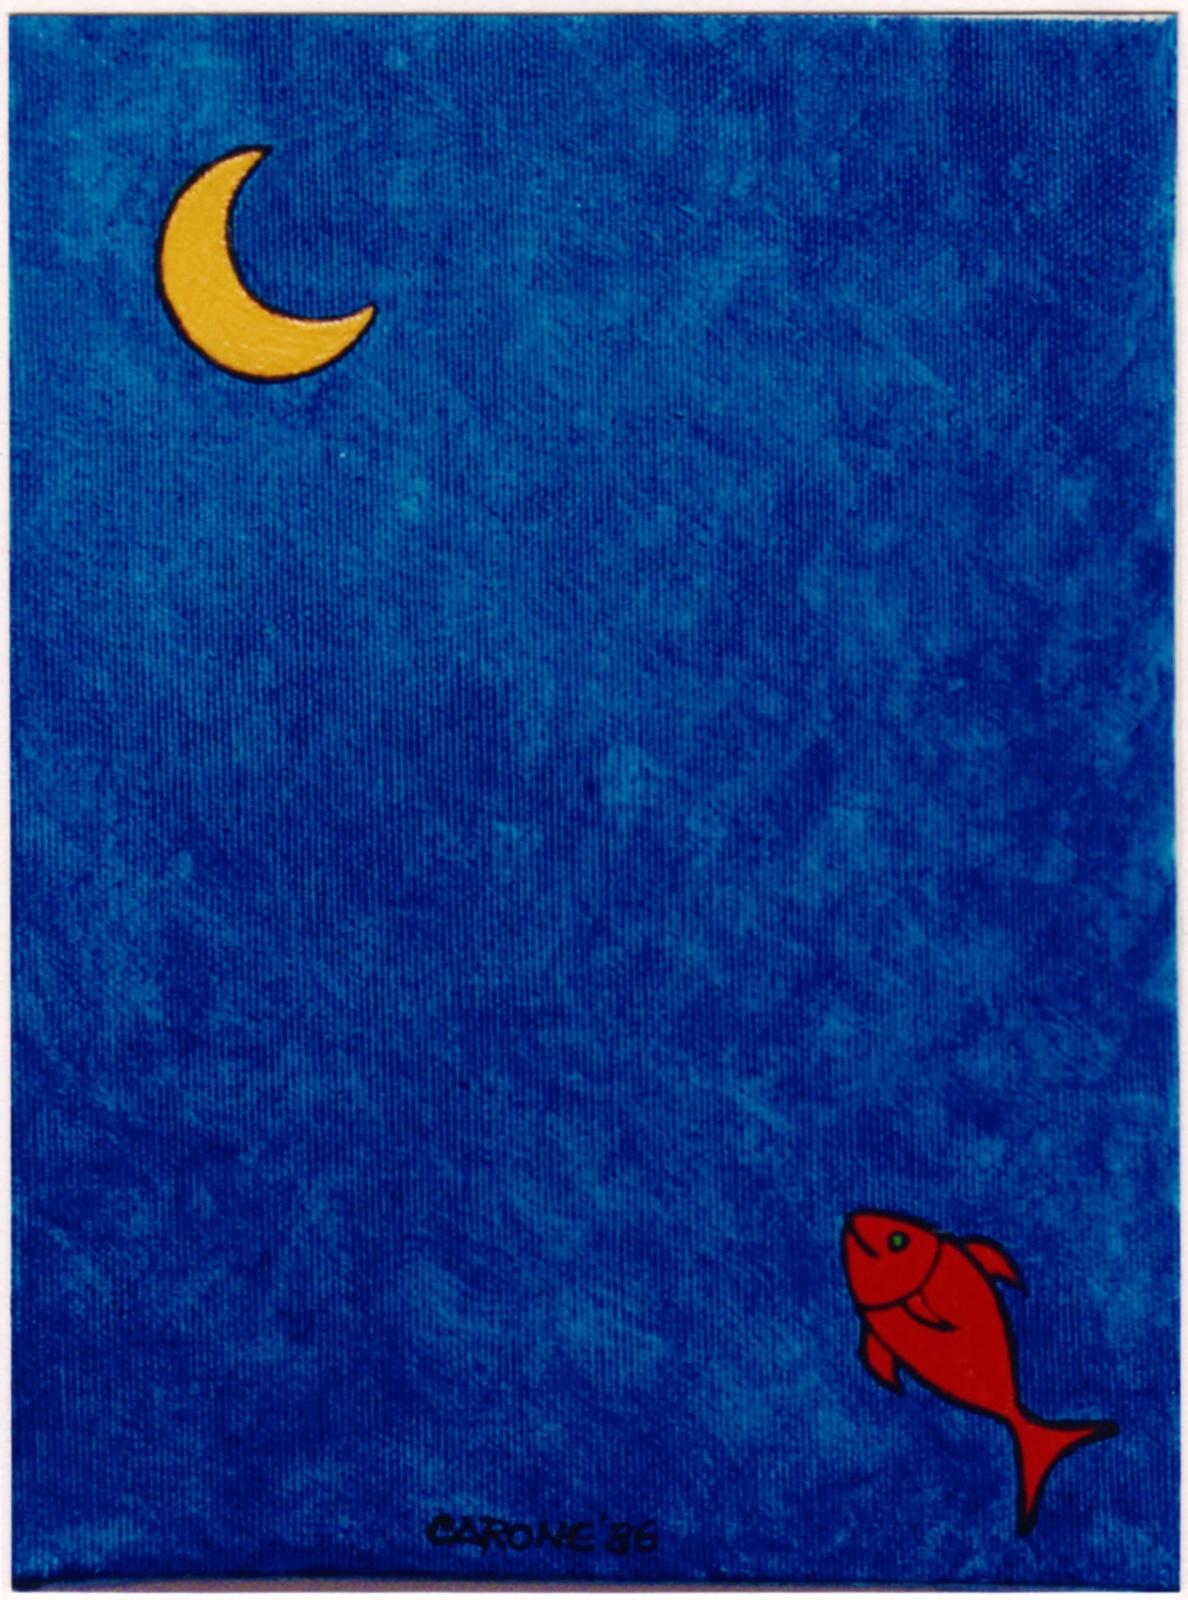 VOGLIOLALUNA (pesce lunatico) . 1986 - colori acrilici su tela. cm.24 x 18 Collezione Franco Toselli, Milano